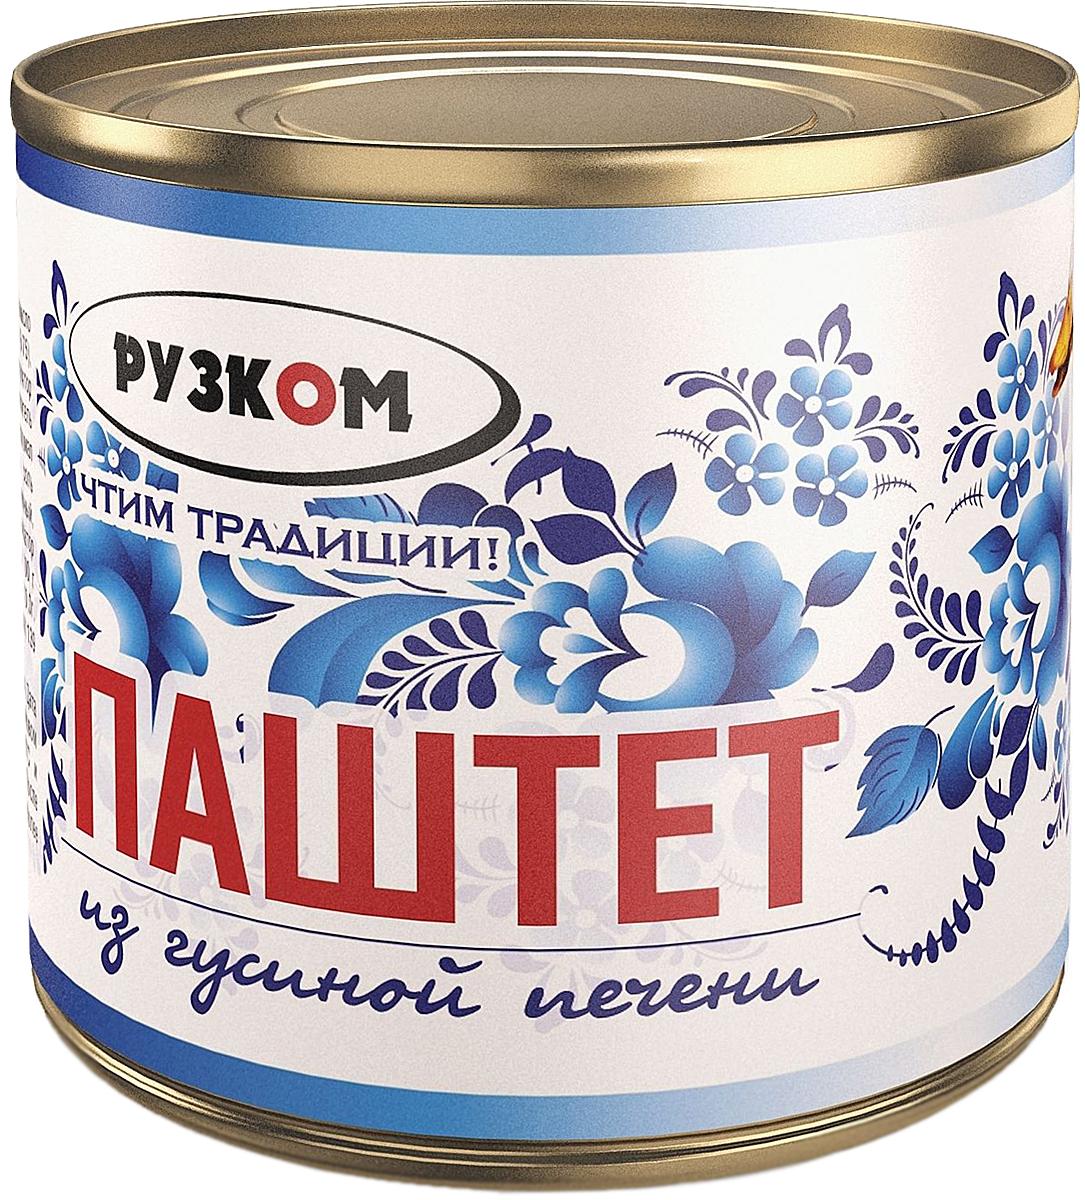 Рузком паштет из гусиной печени литография, 240 г4606411009906Паштет из гусиной печени. Продукт готов к употреблению.